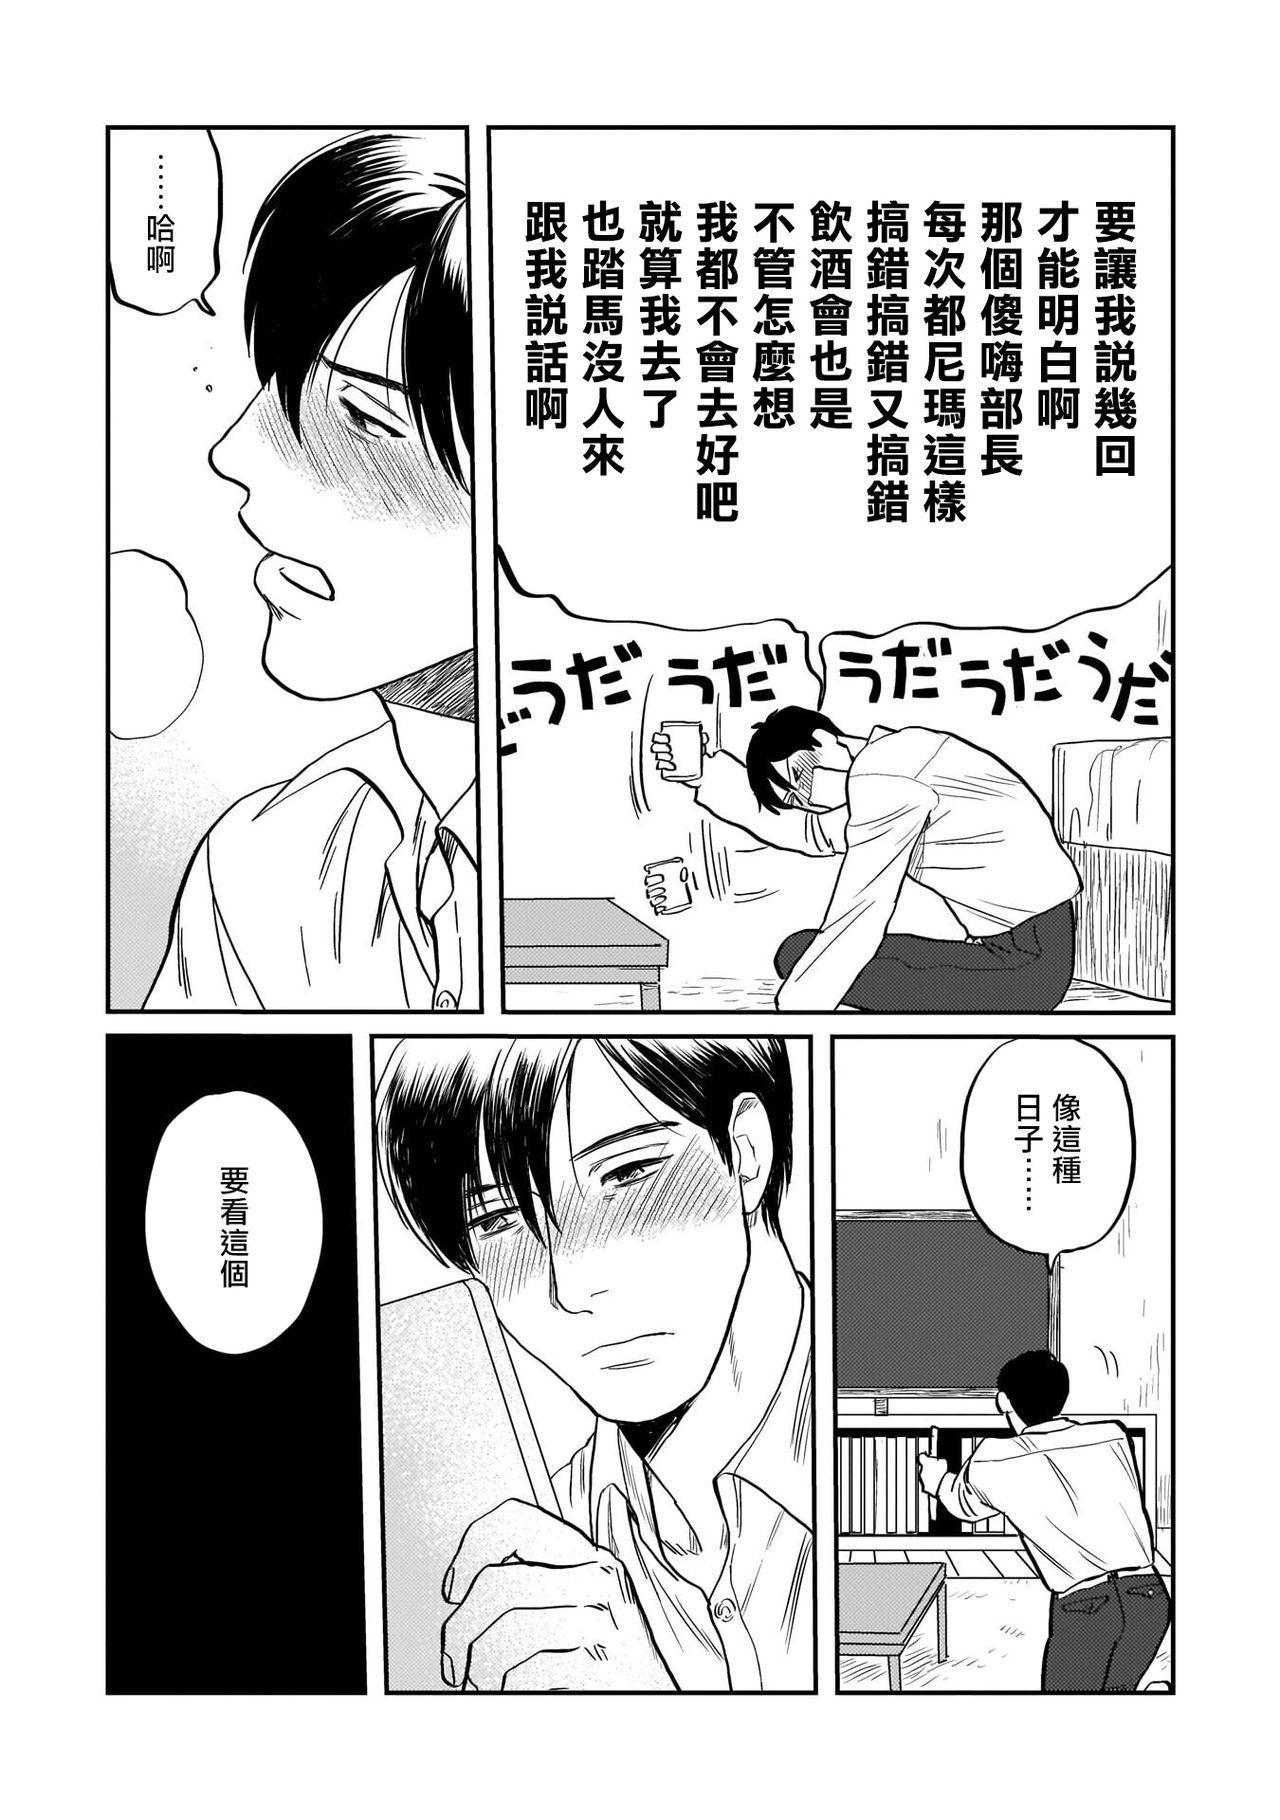 Kouhai no Oppai ga Suki Sugiru | 我太喜欢后辈的奶子了 Ch. 1-2 7